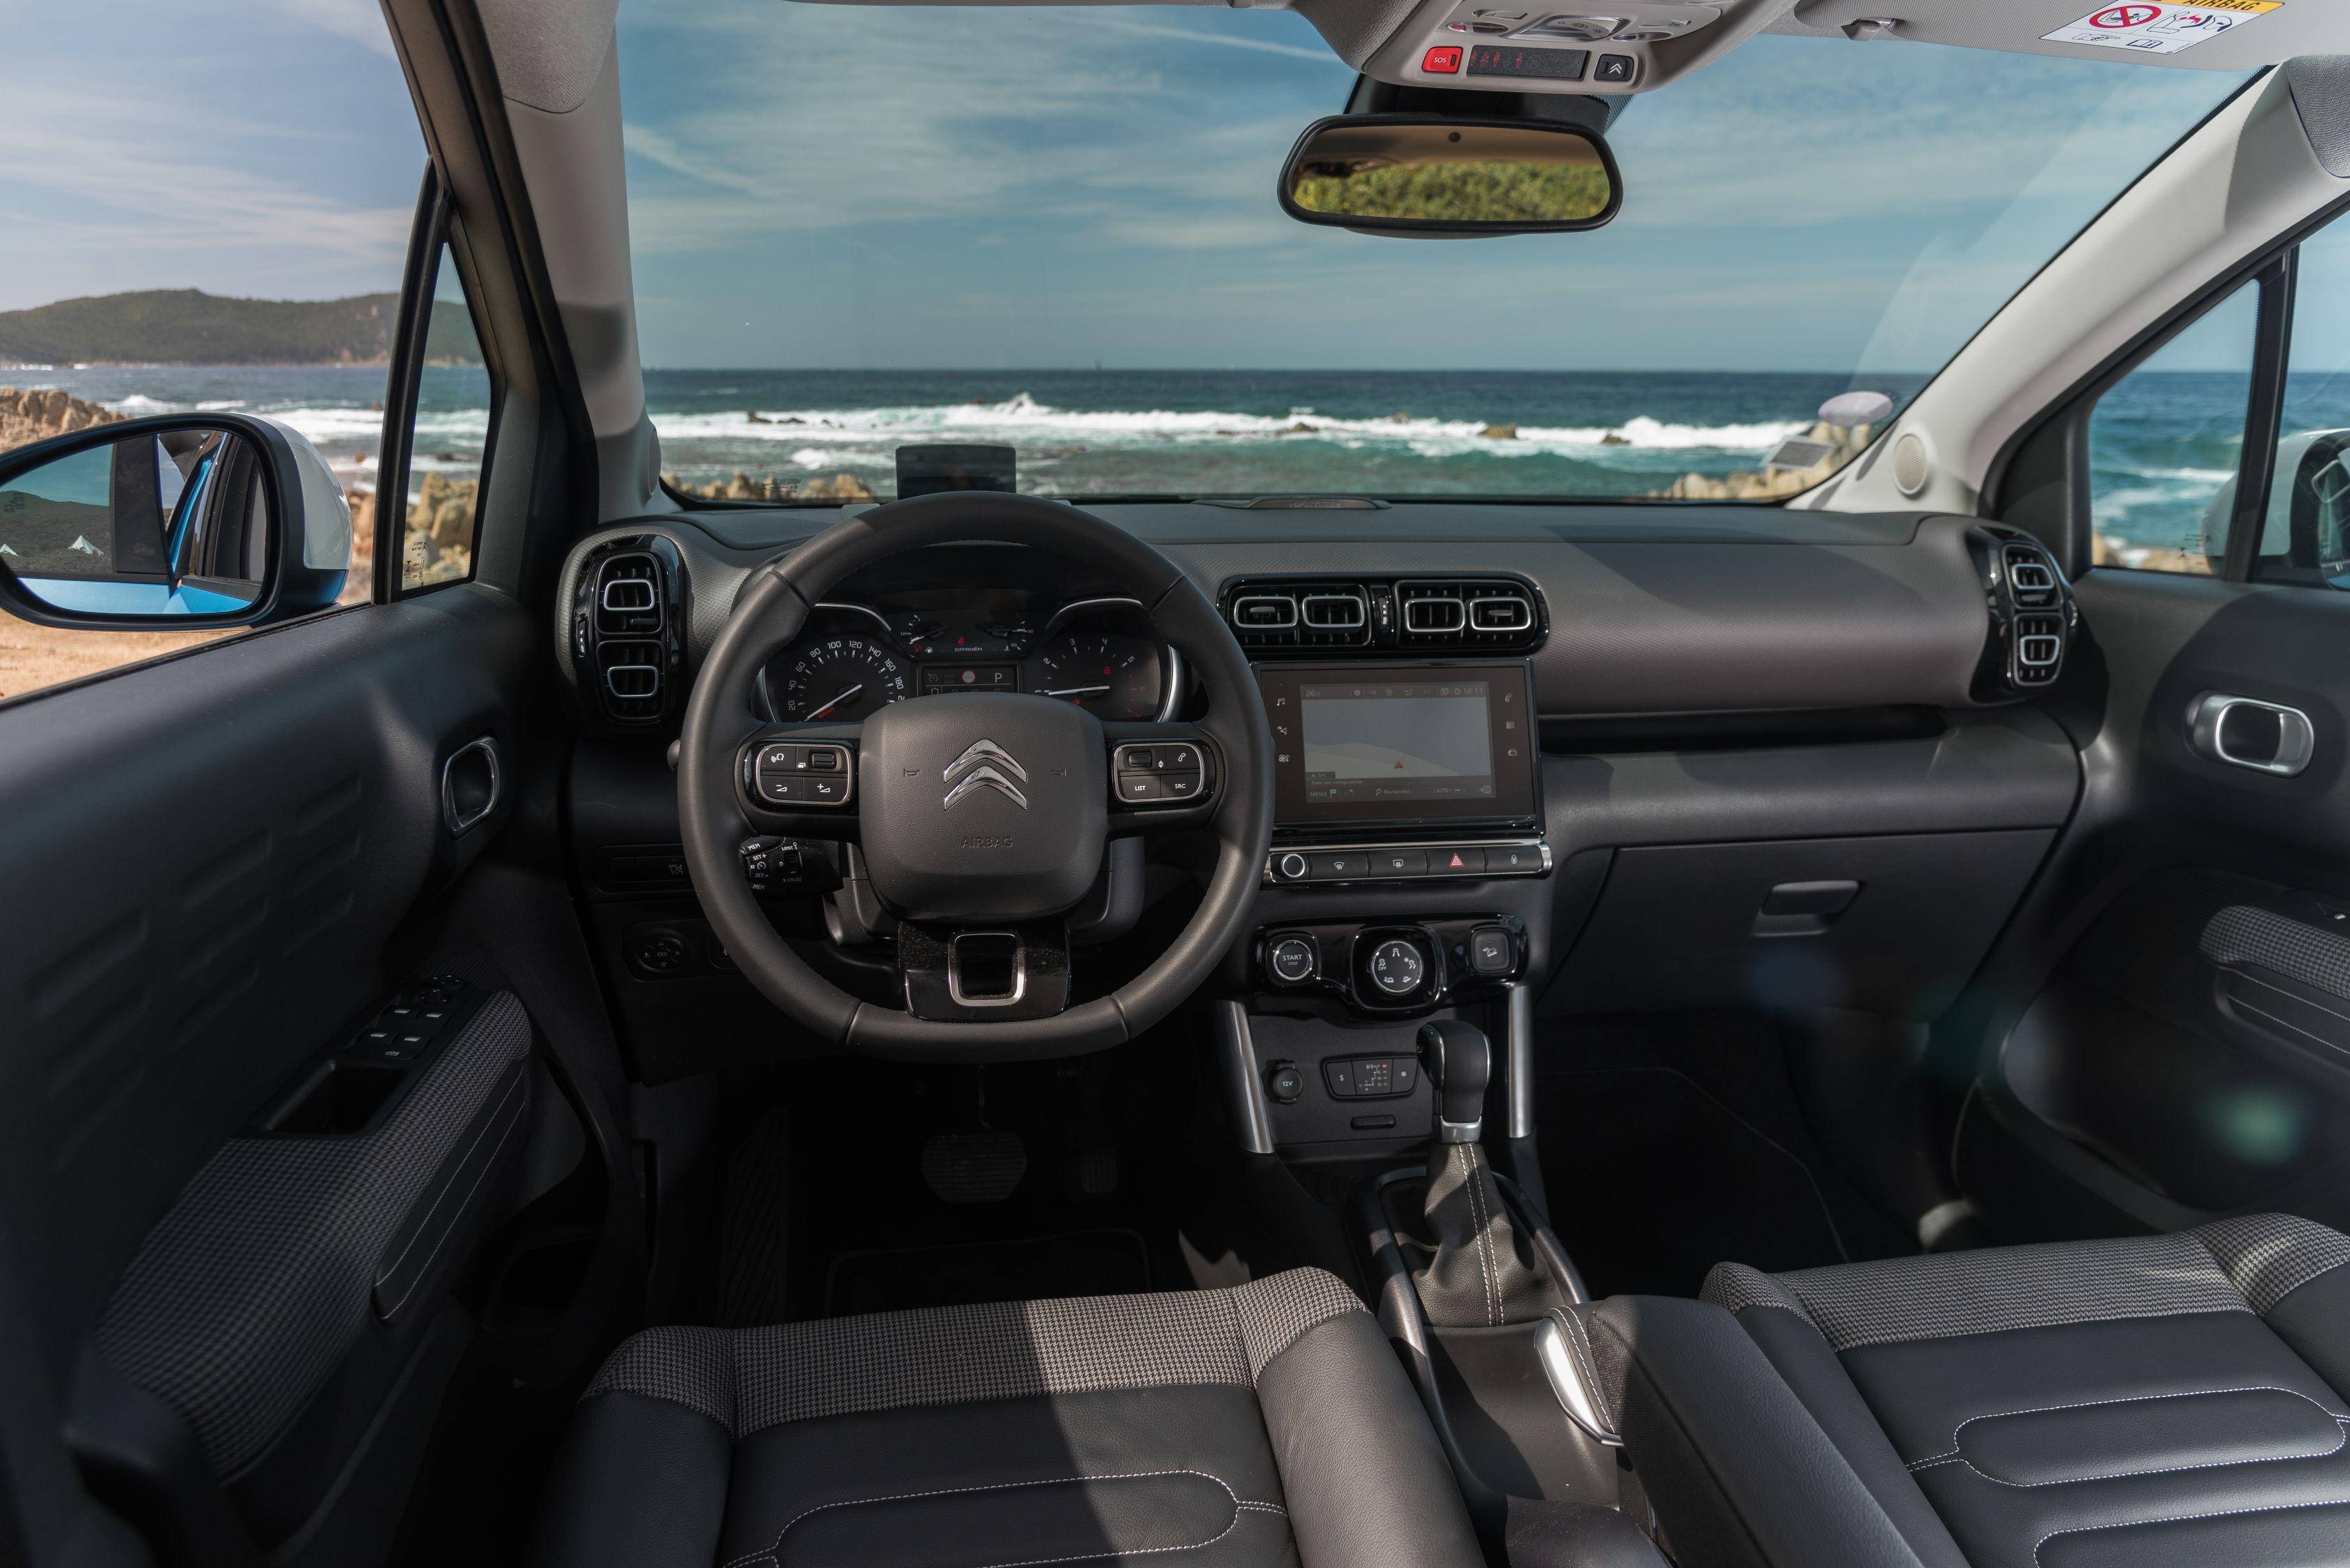 Picasso helyett az Aircross: úgy SUV-val kezd piachódításba a Citroen